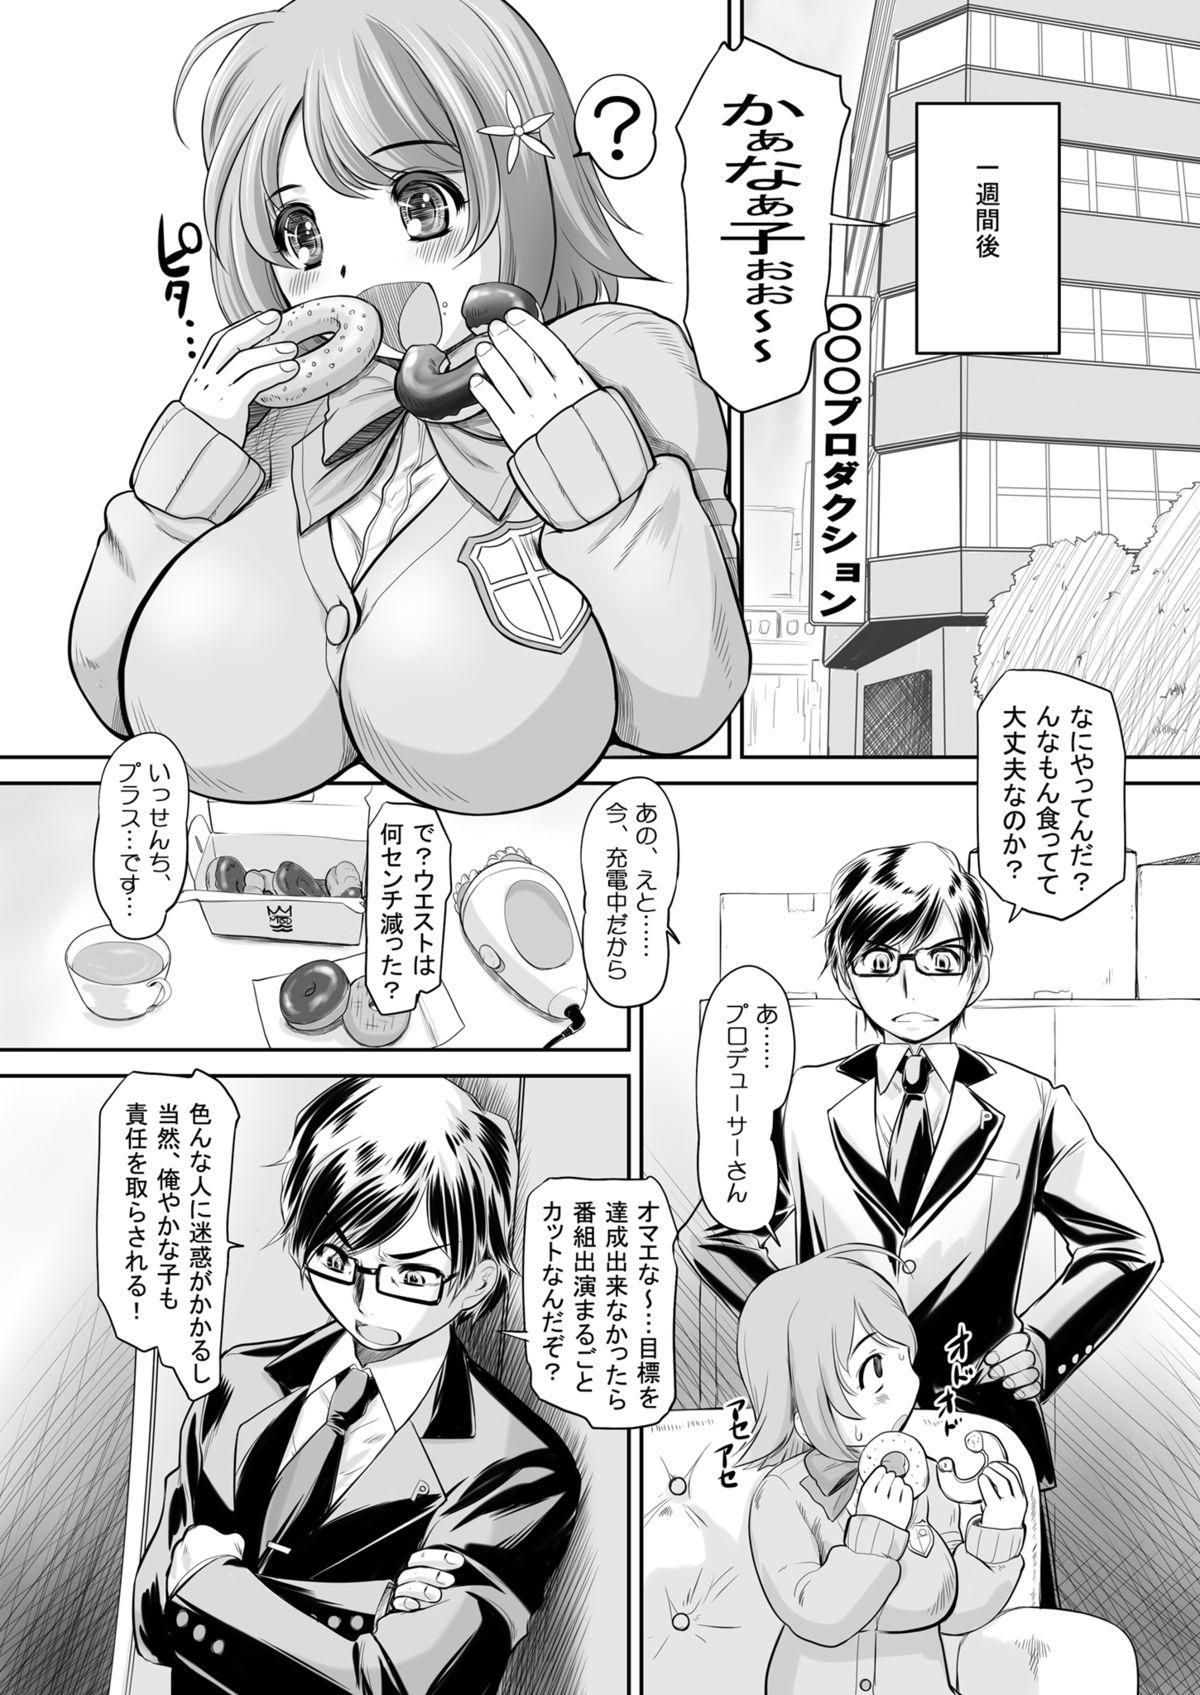 Kanako no Onaka 5